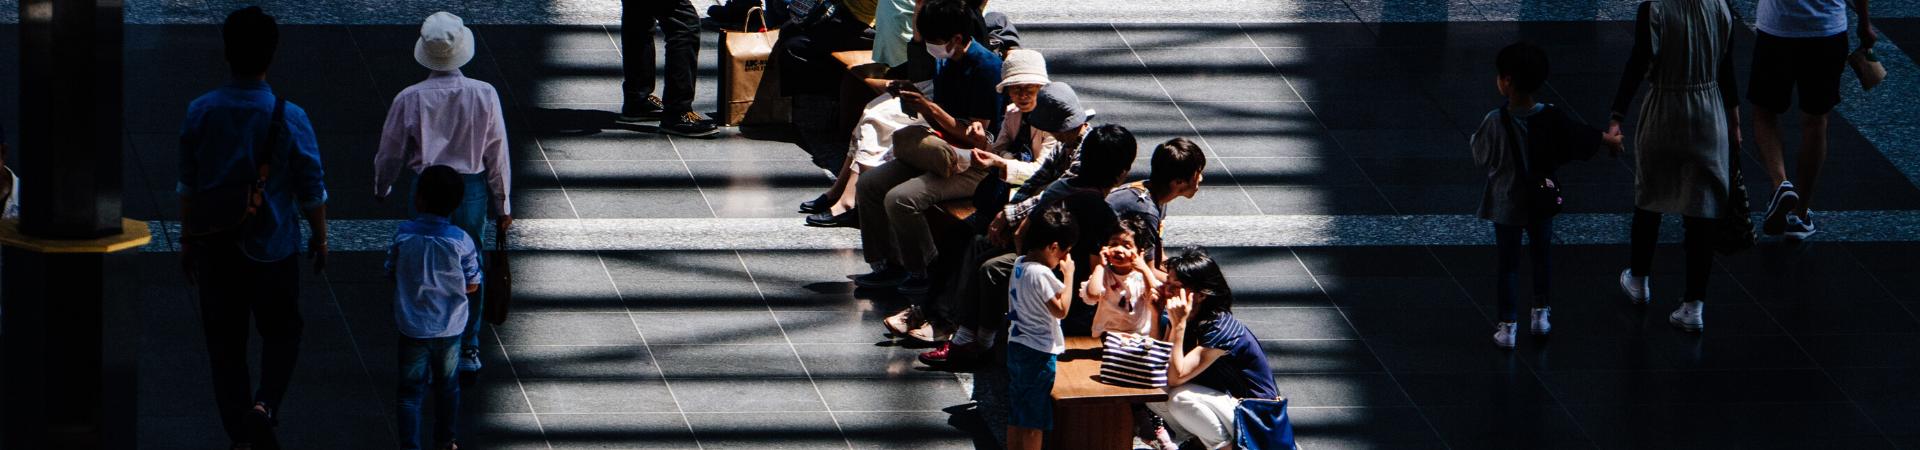 無聲的苦難: 亞太地區罕見疾病 之認知與管理評估